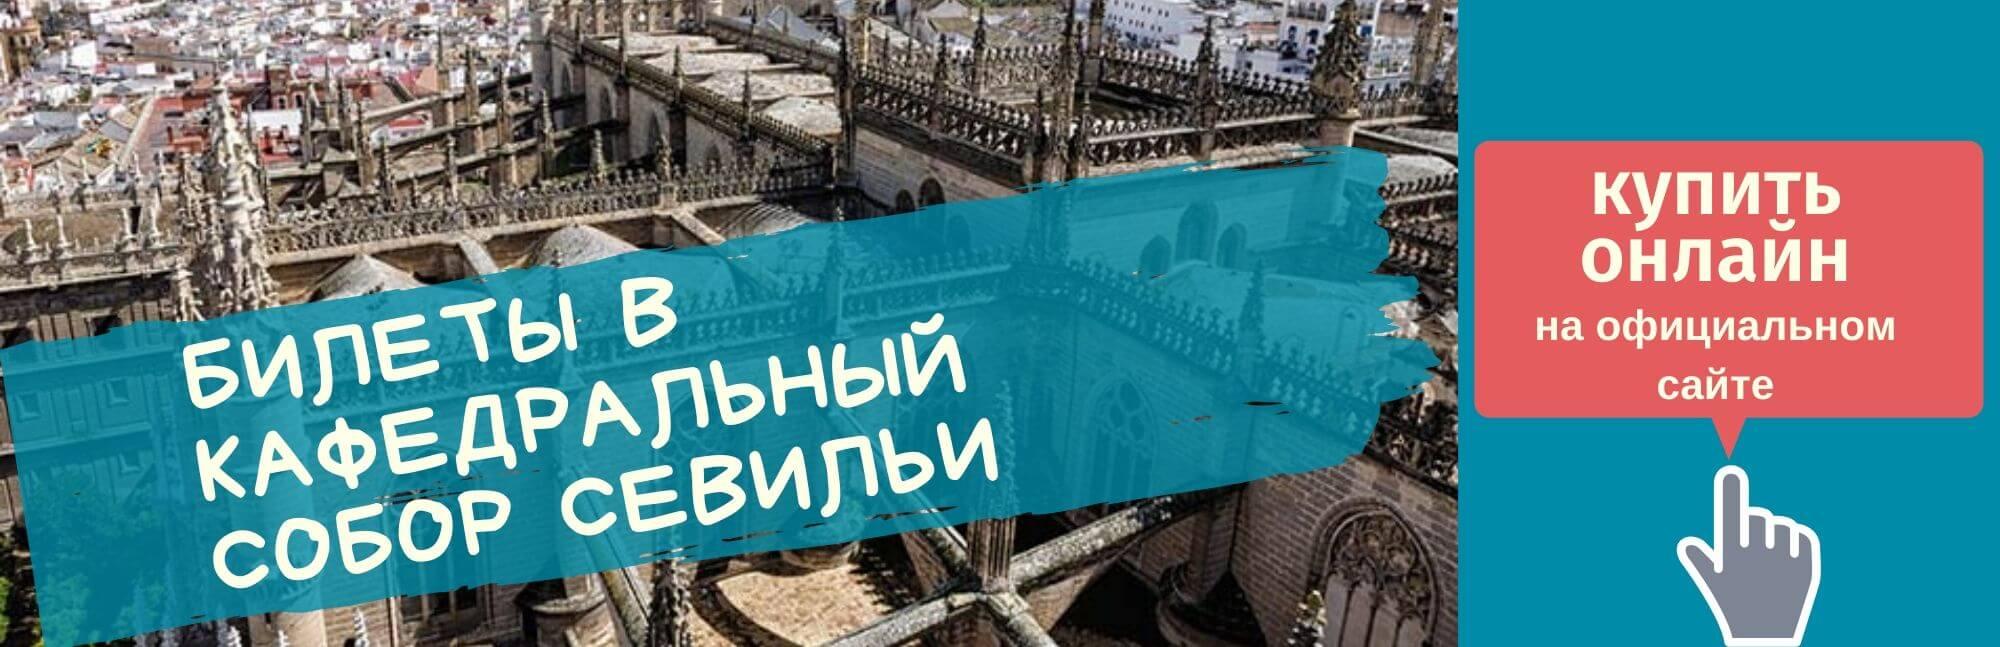 Билет в Кафедральный собор Севильи